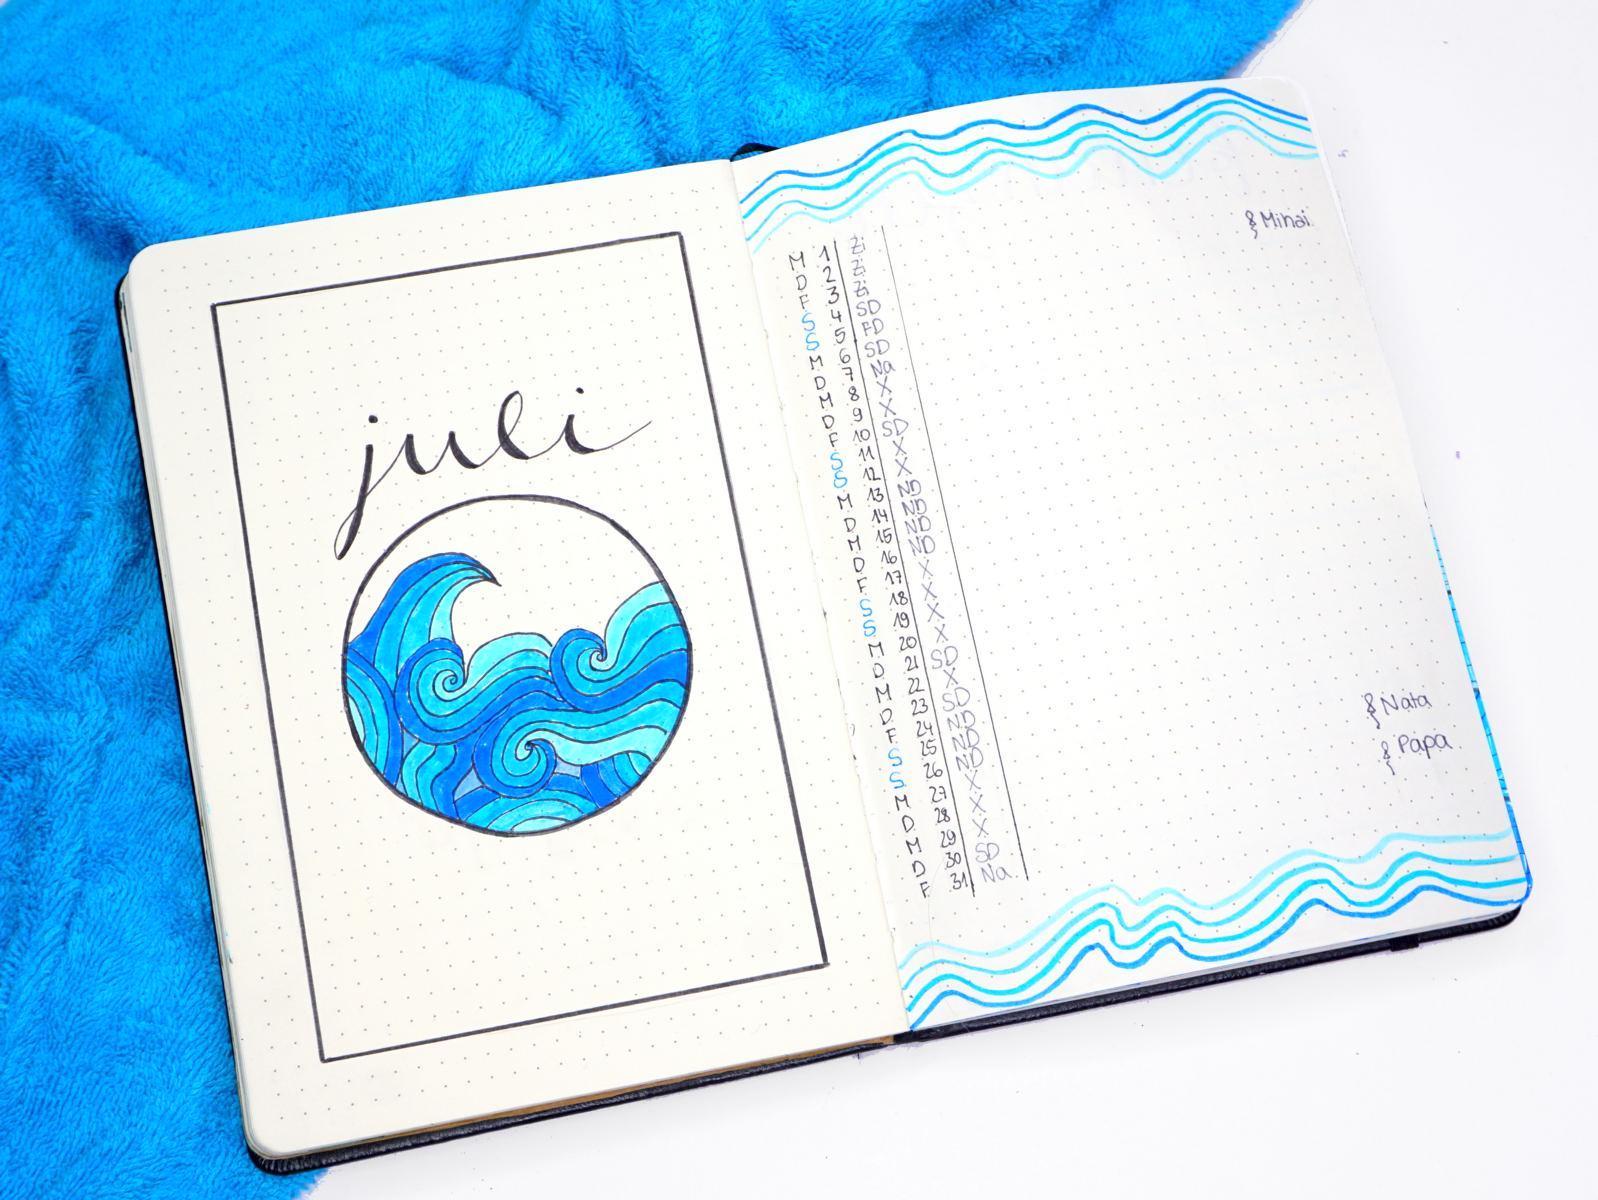 Bujo Waves July 2020